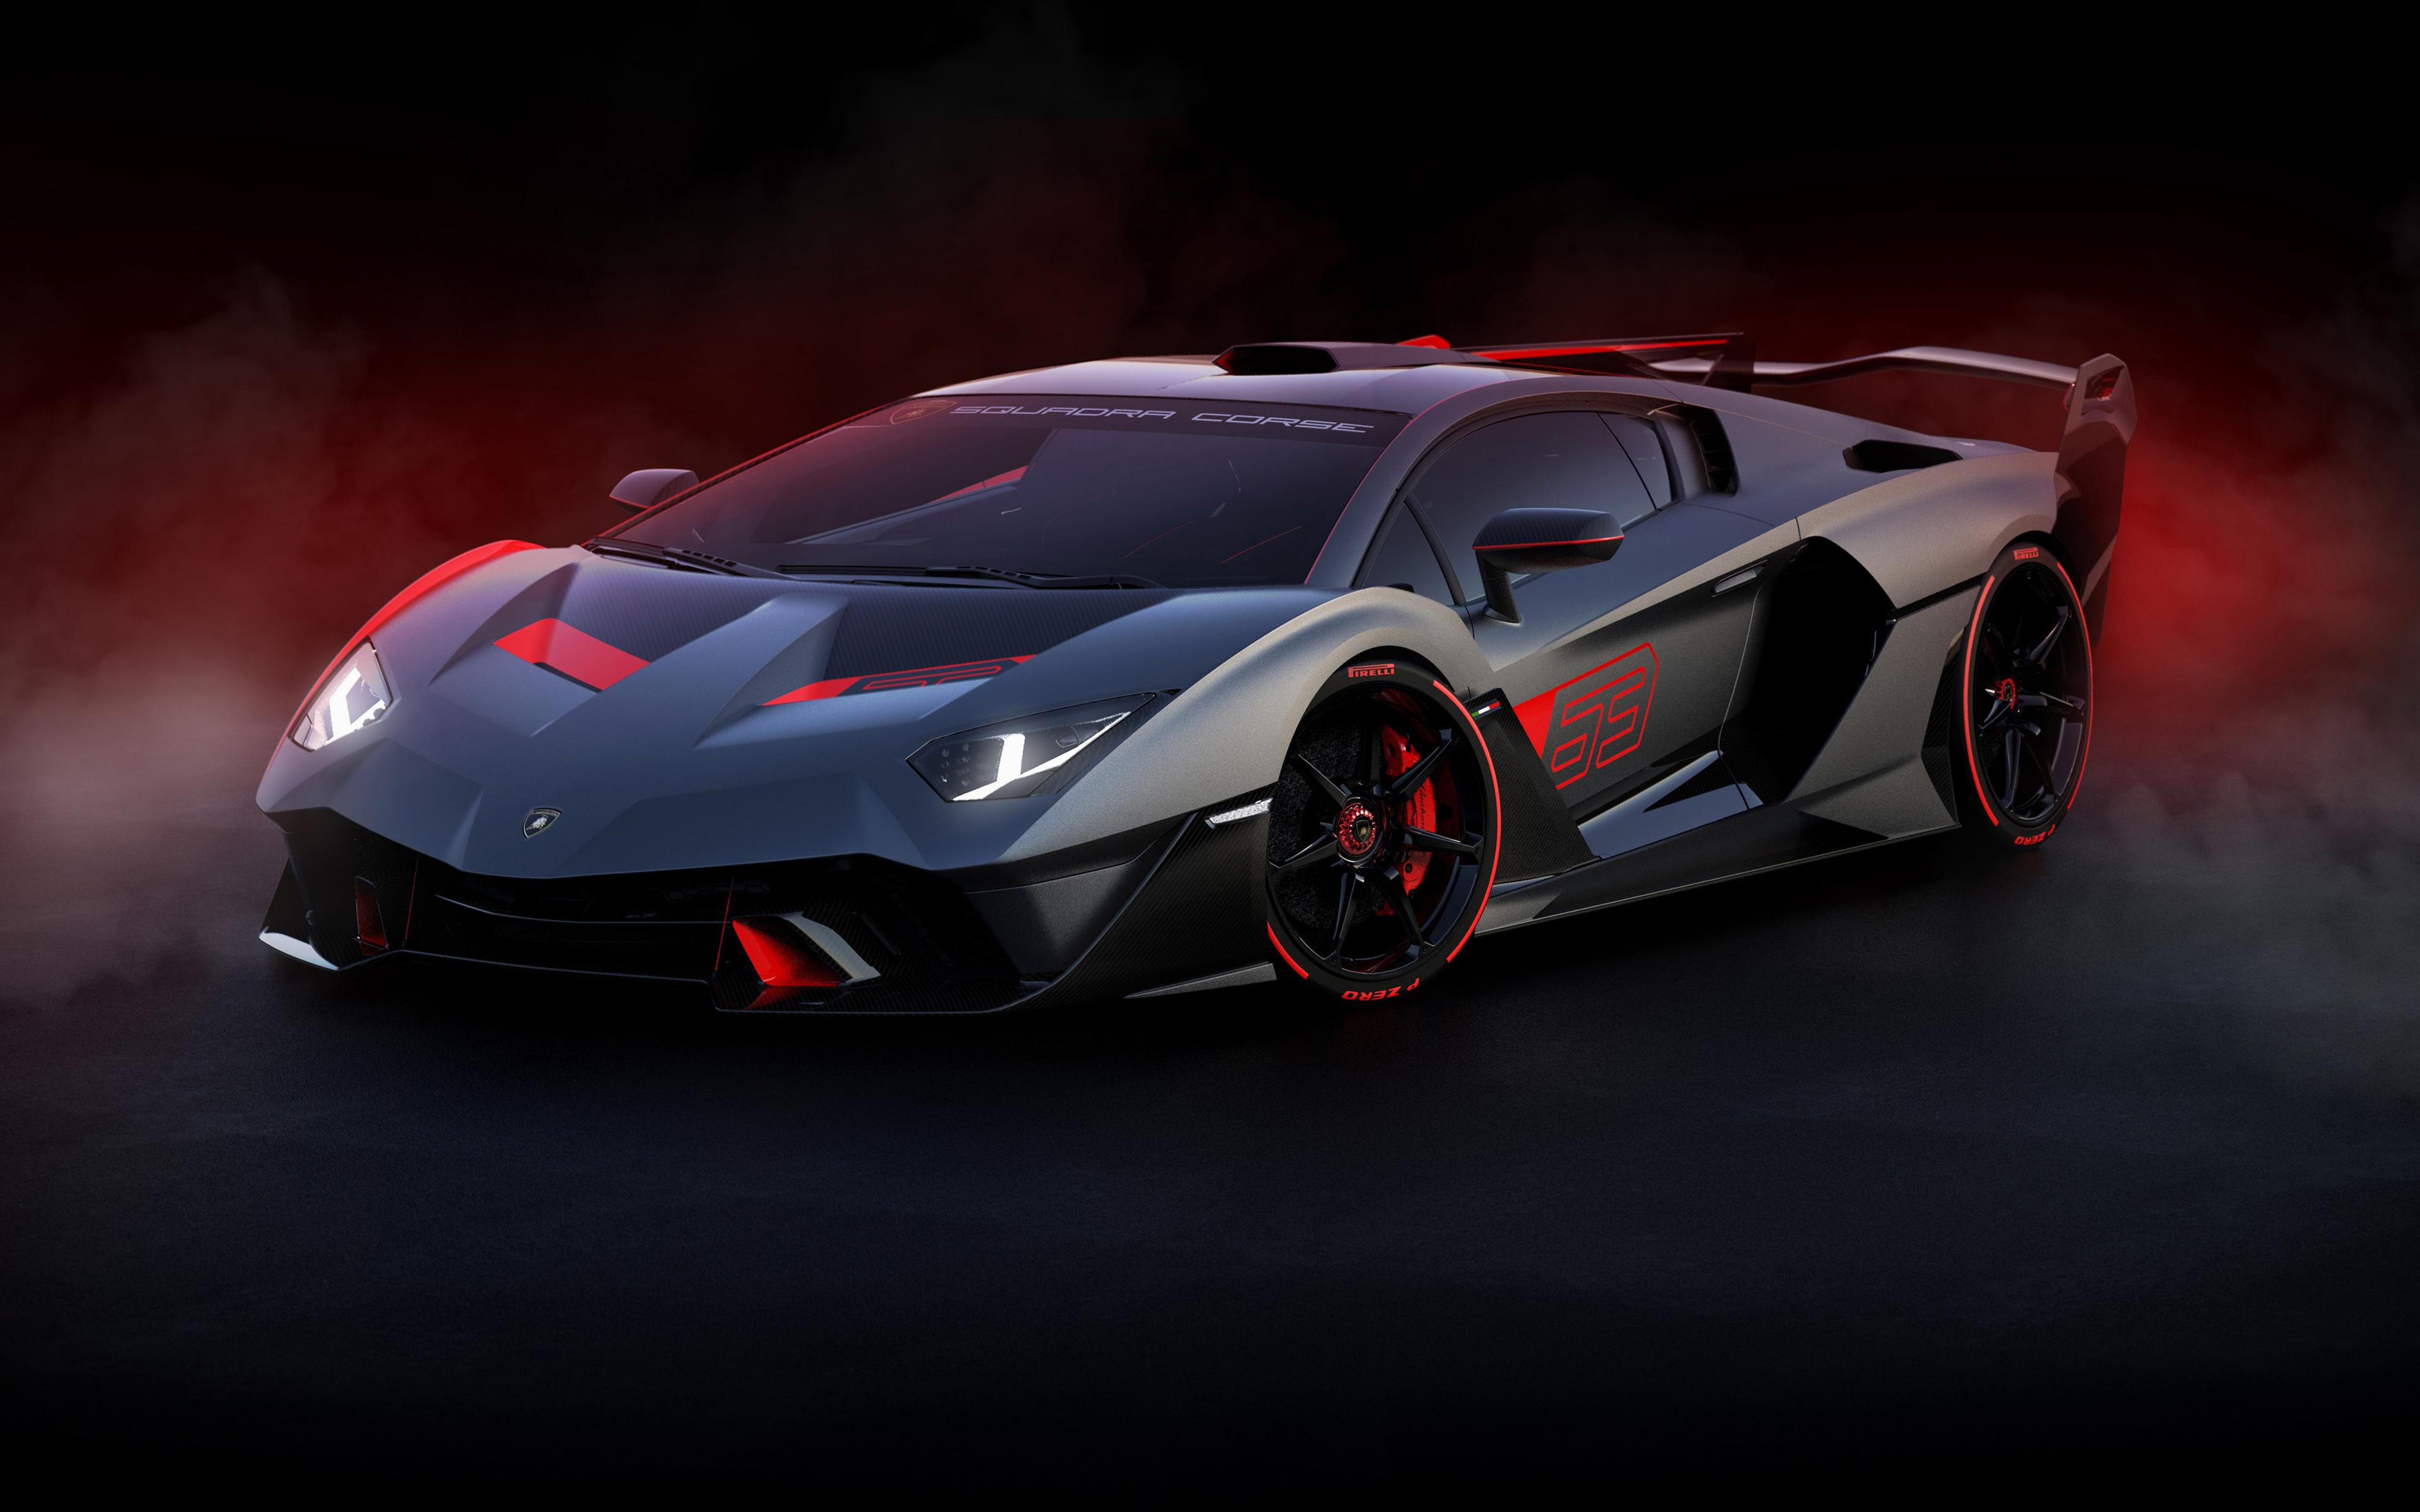 lamborghini sc18 2018 or 3840x2400 - Lamborghini SC18 Alston 4K - Lamborghini SC18 hd 4k wallpapers, Lamborghini SC18 Alston hd 4k wallpapers